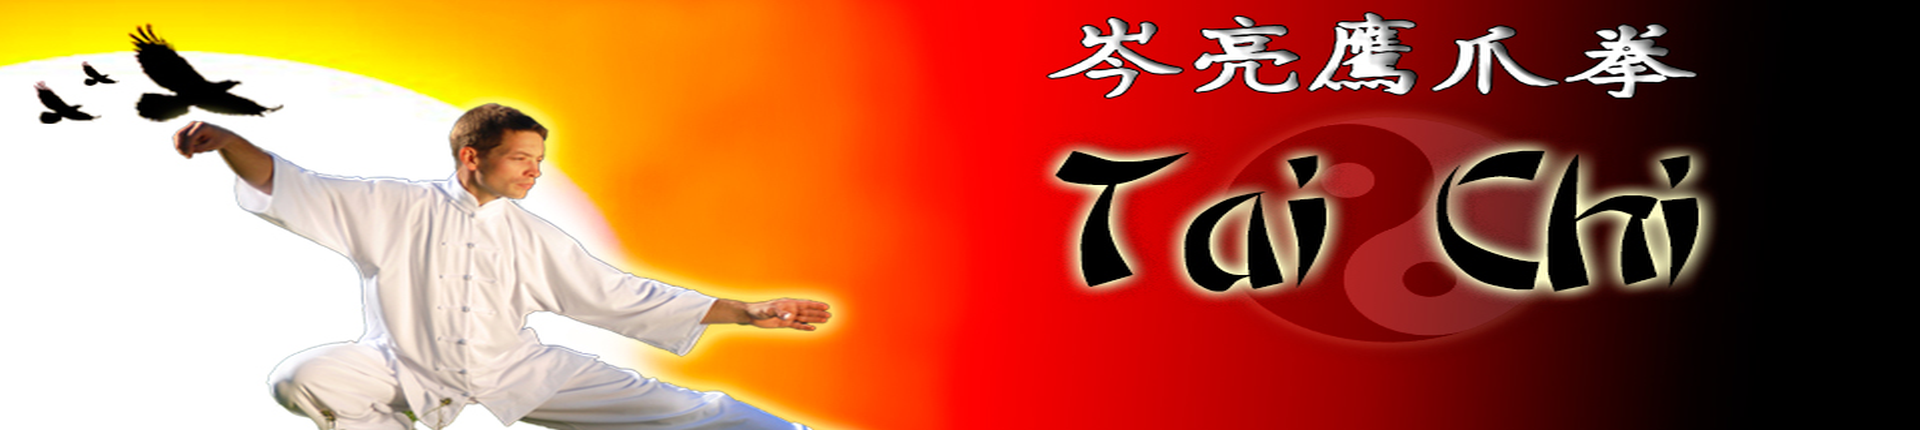 Chinese Martial Arts of Kung Fu & Tai Chi